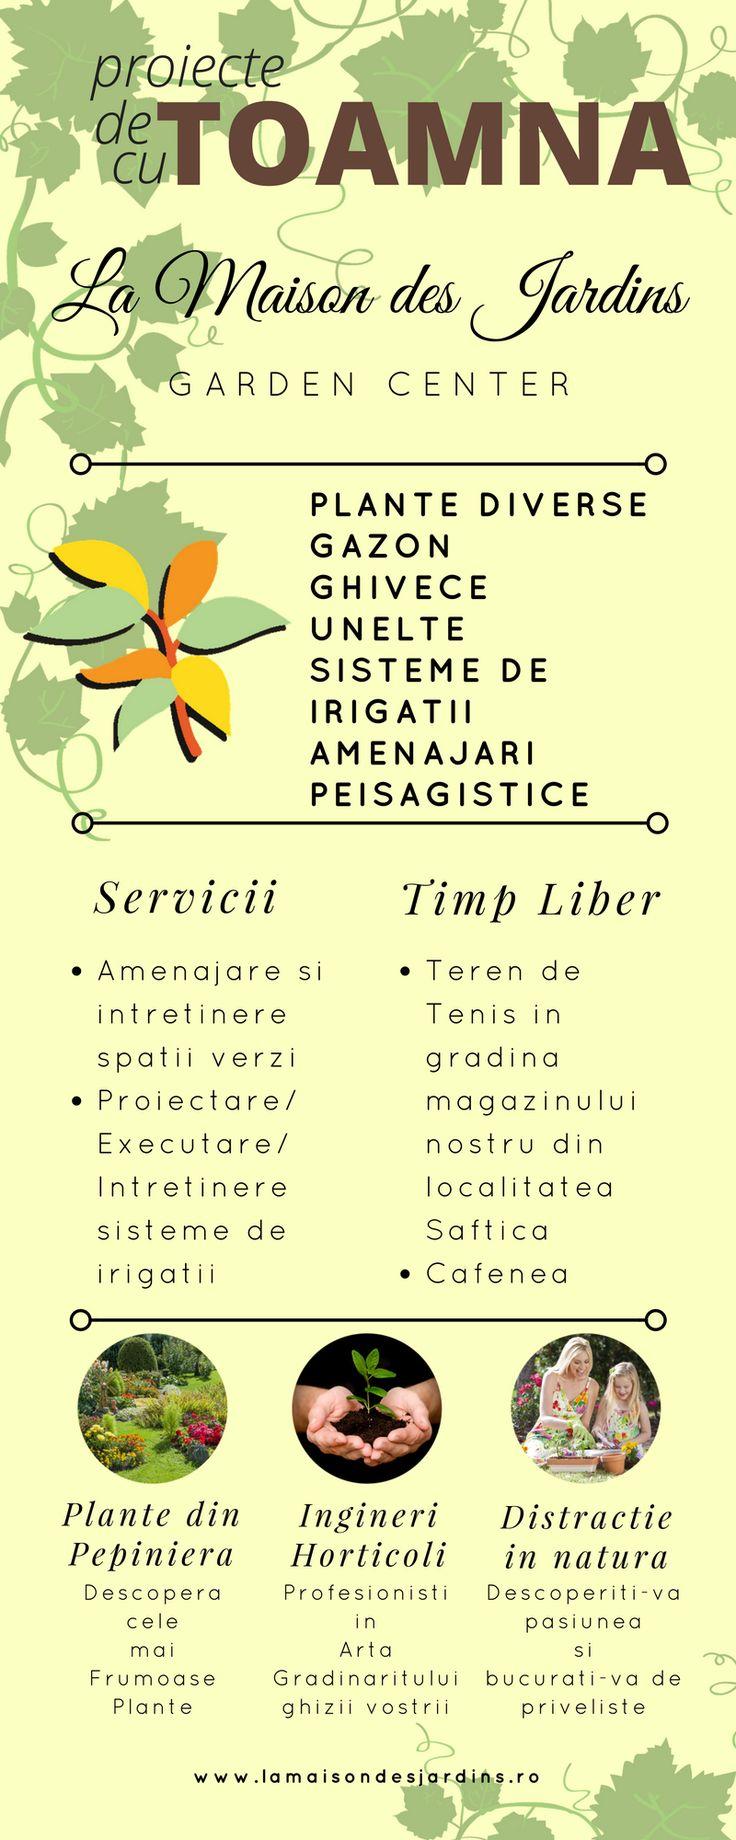 Incepe un Proiect Fabulos Toamna Aceasta!  Plante, gazon, ghivece, unelte, sisteme de irigatii - Toate @ La Maison des Jardins! Va asteptam! :-) #plante, #gazon, #ghivece, #unelte, #sisteme #irigatii, #amenajari #peisagistice #pepiniera #cafenea #tenis www.lamaisondesjardins.ro